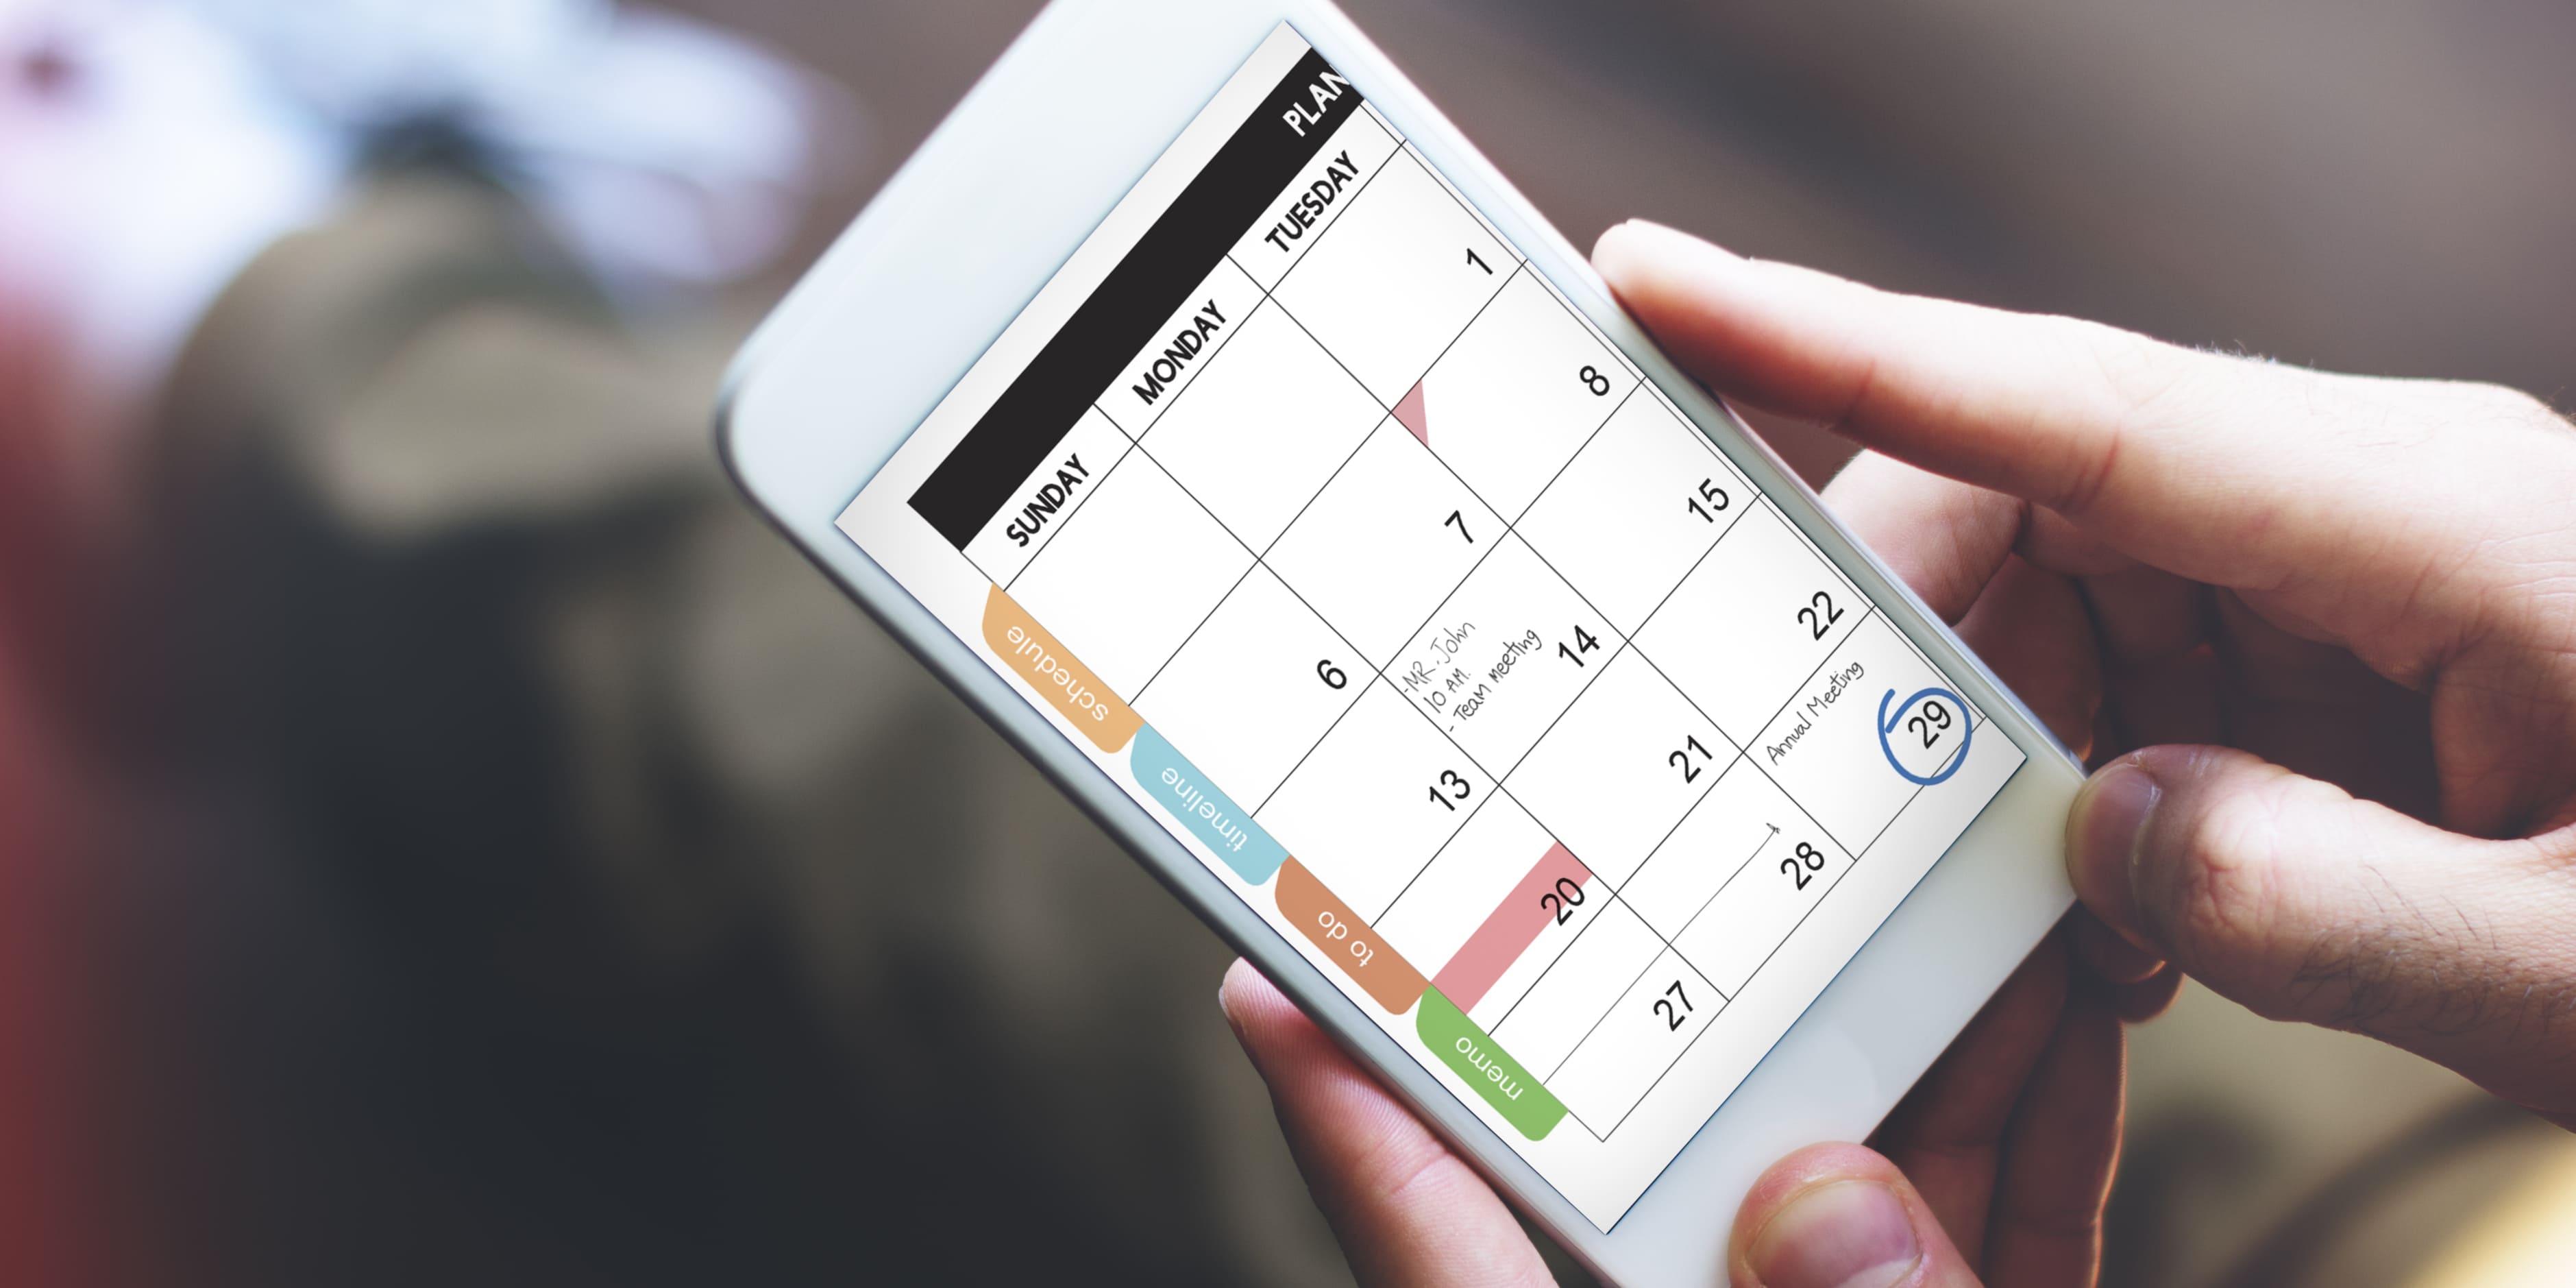 Imagem de um celular com um calendário aparecendo para remeter ao Google Agenda